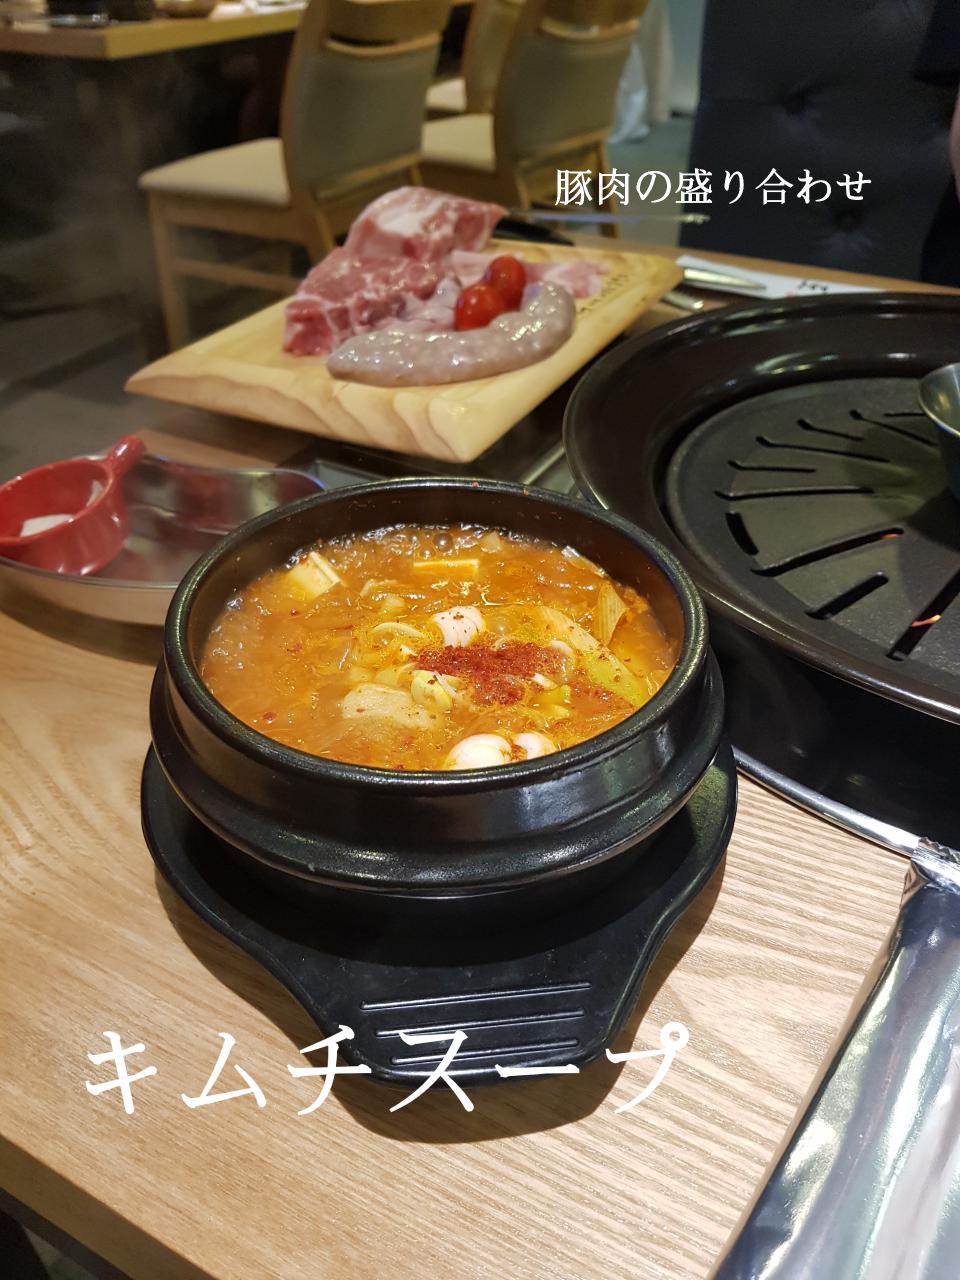 シンガポール韓国料理 キムチスープ ハローアジア